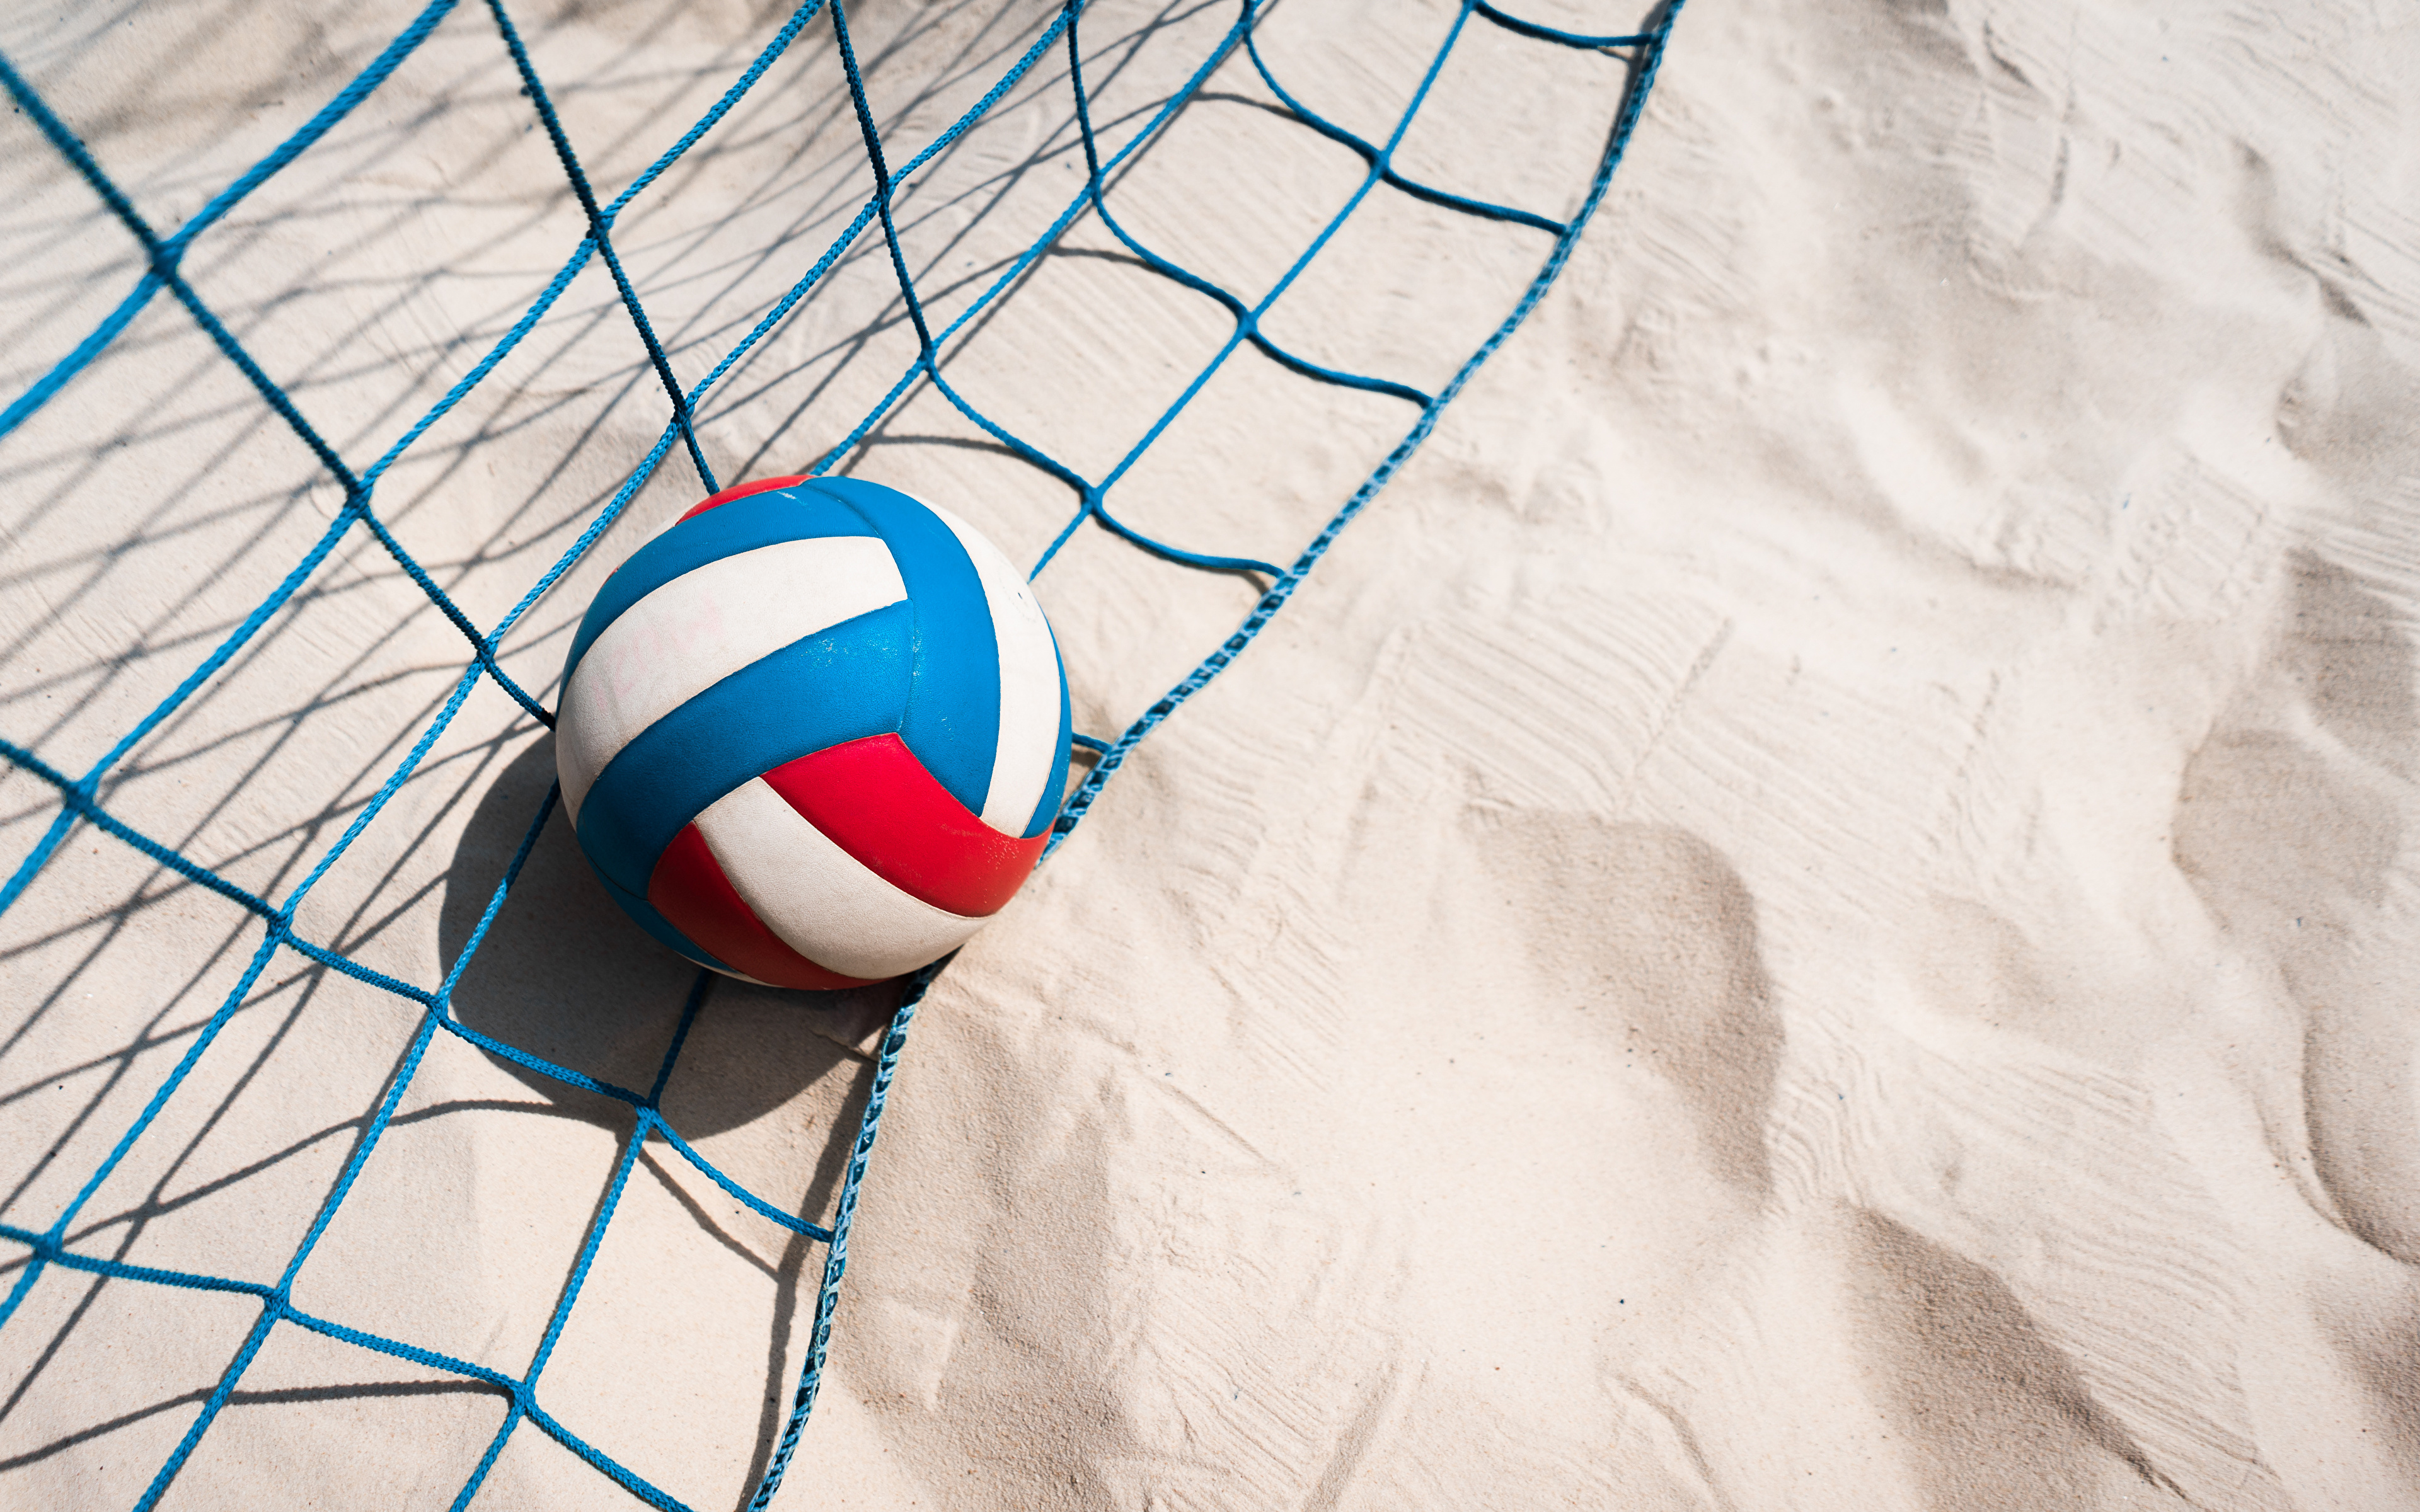 Фотографии volleyball спортивная сетка спортивные песке Мяч 3840x2400 Сетка Спорт спортивная спортивный песка Песок Мячик